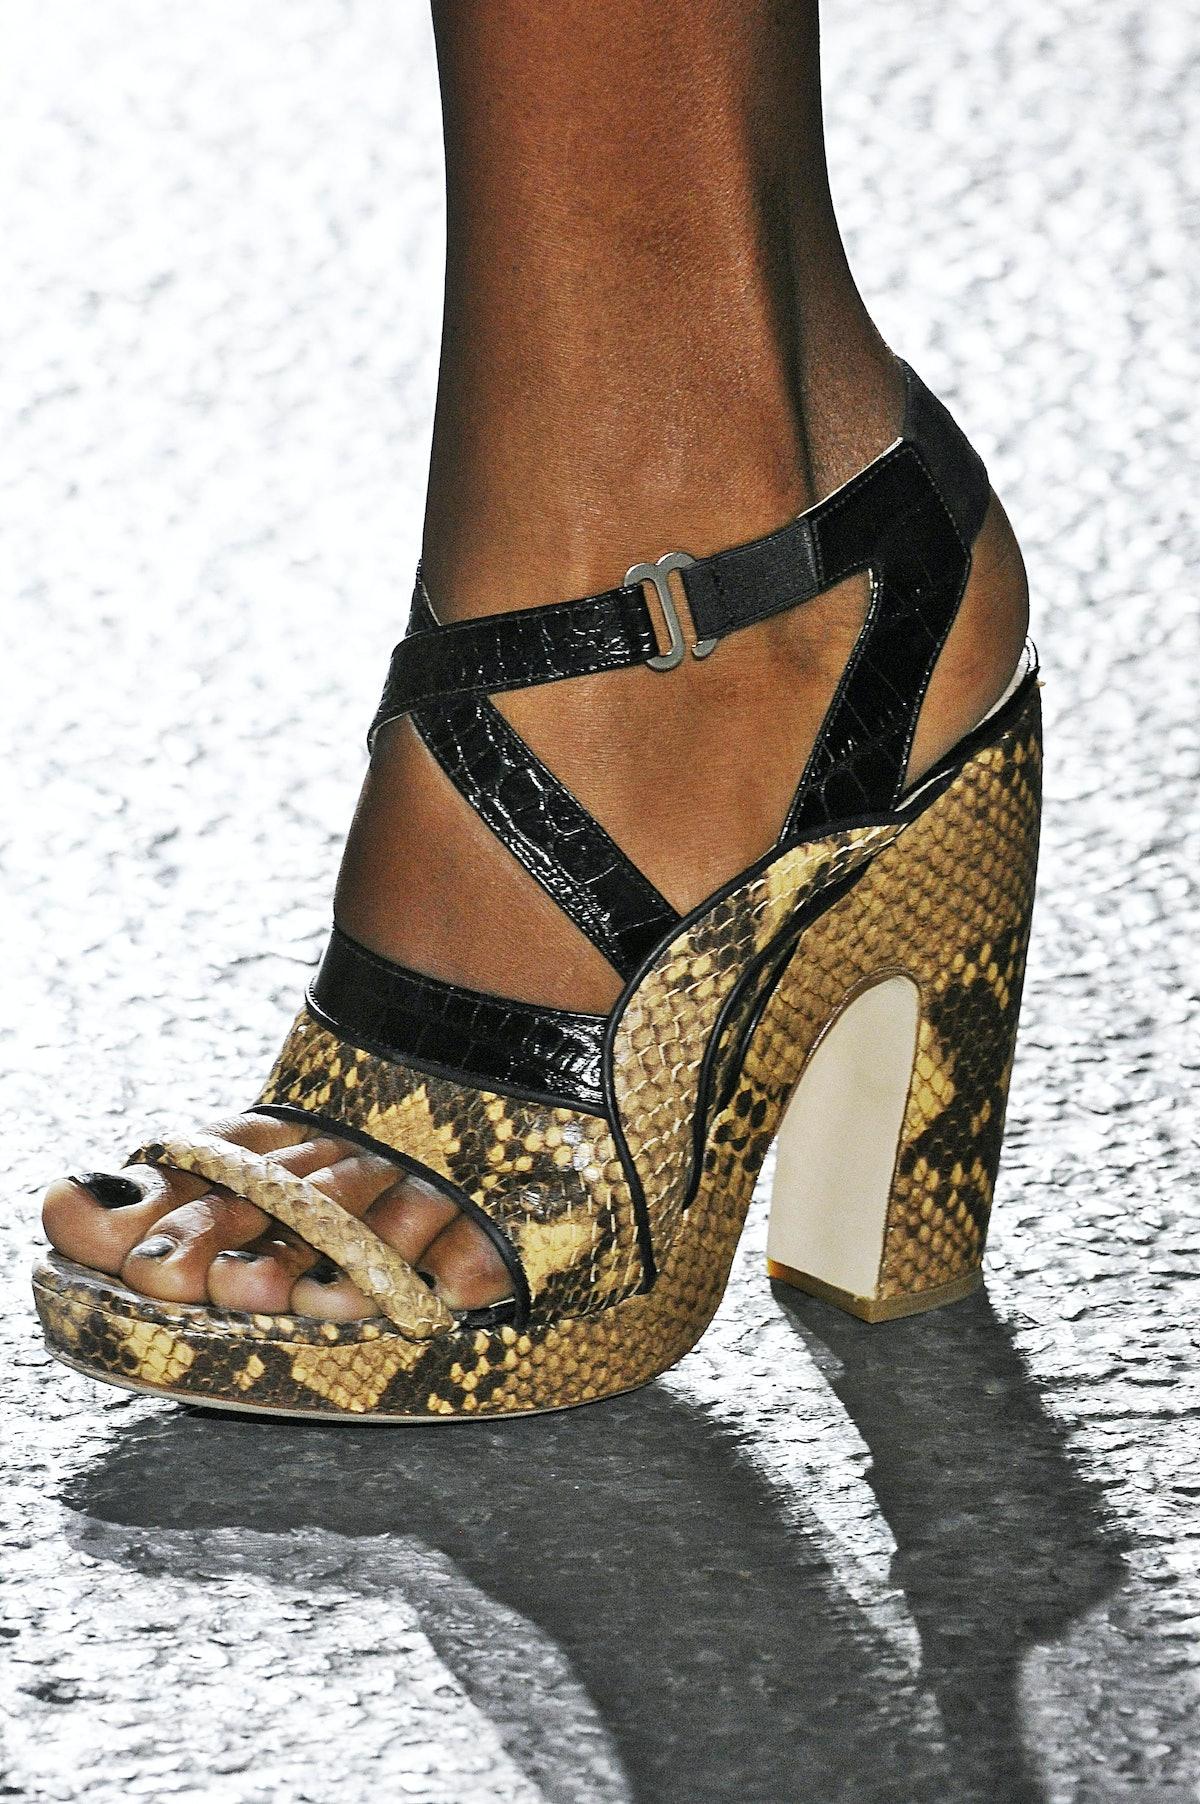 dries-van-noten-spring-2014-shoes